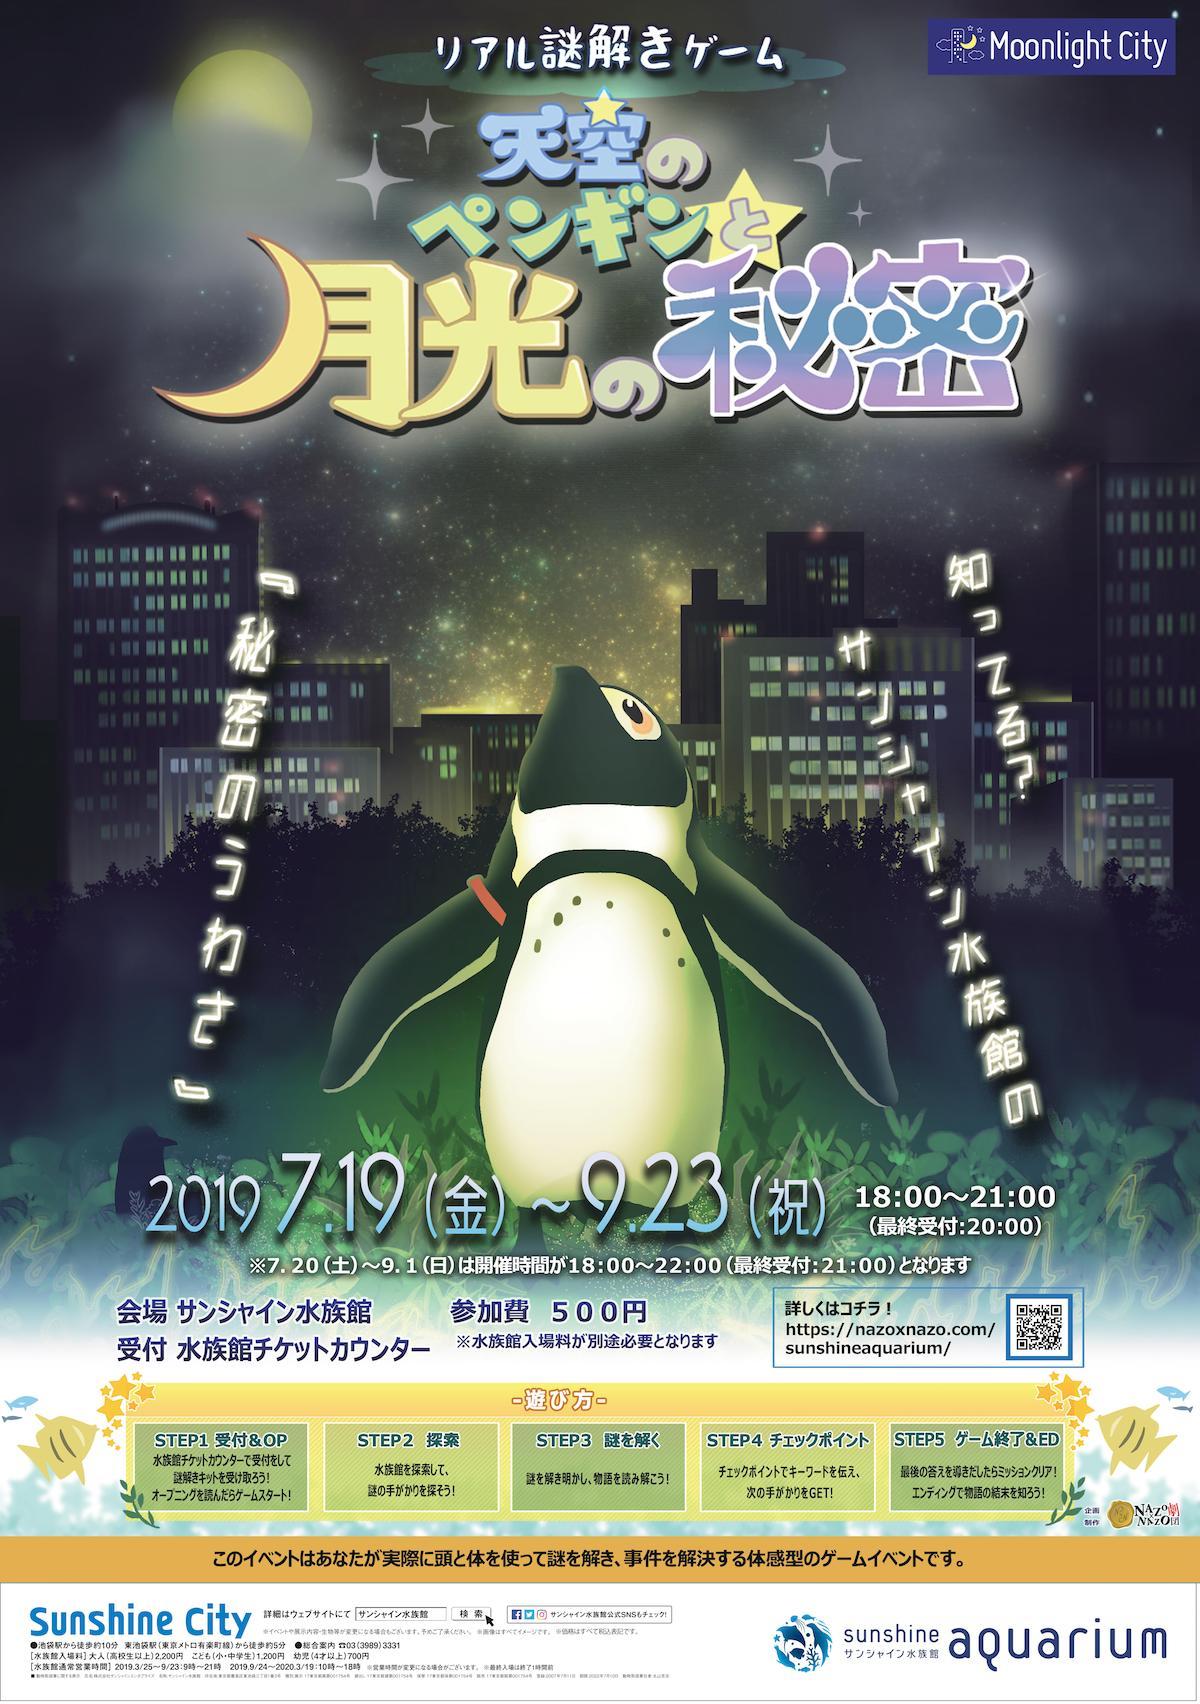 夜の水族館でリアル謎解きゲーム 「天空ペンギンと月光の秘密」(サンシャイン水族館)